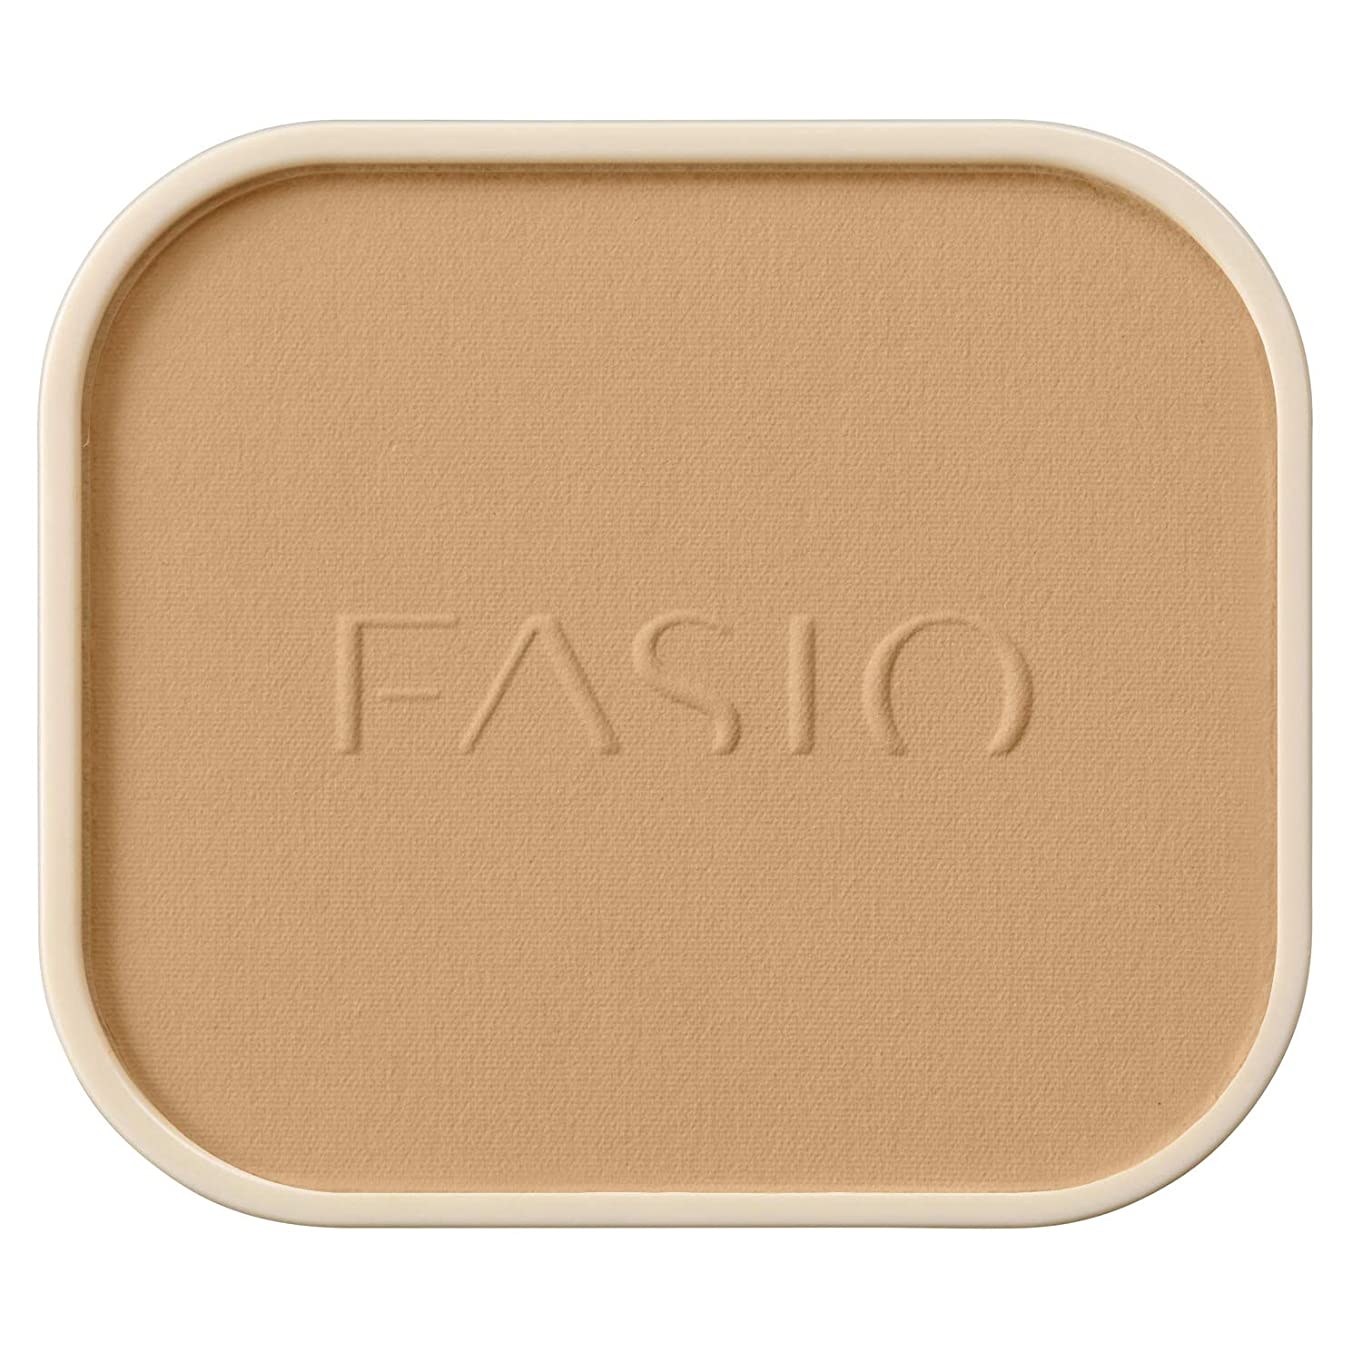 の頭の上寄付する想像するファシオ ラスティング ファンデーション WP オークル 410 10g